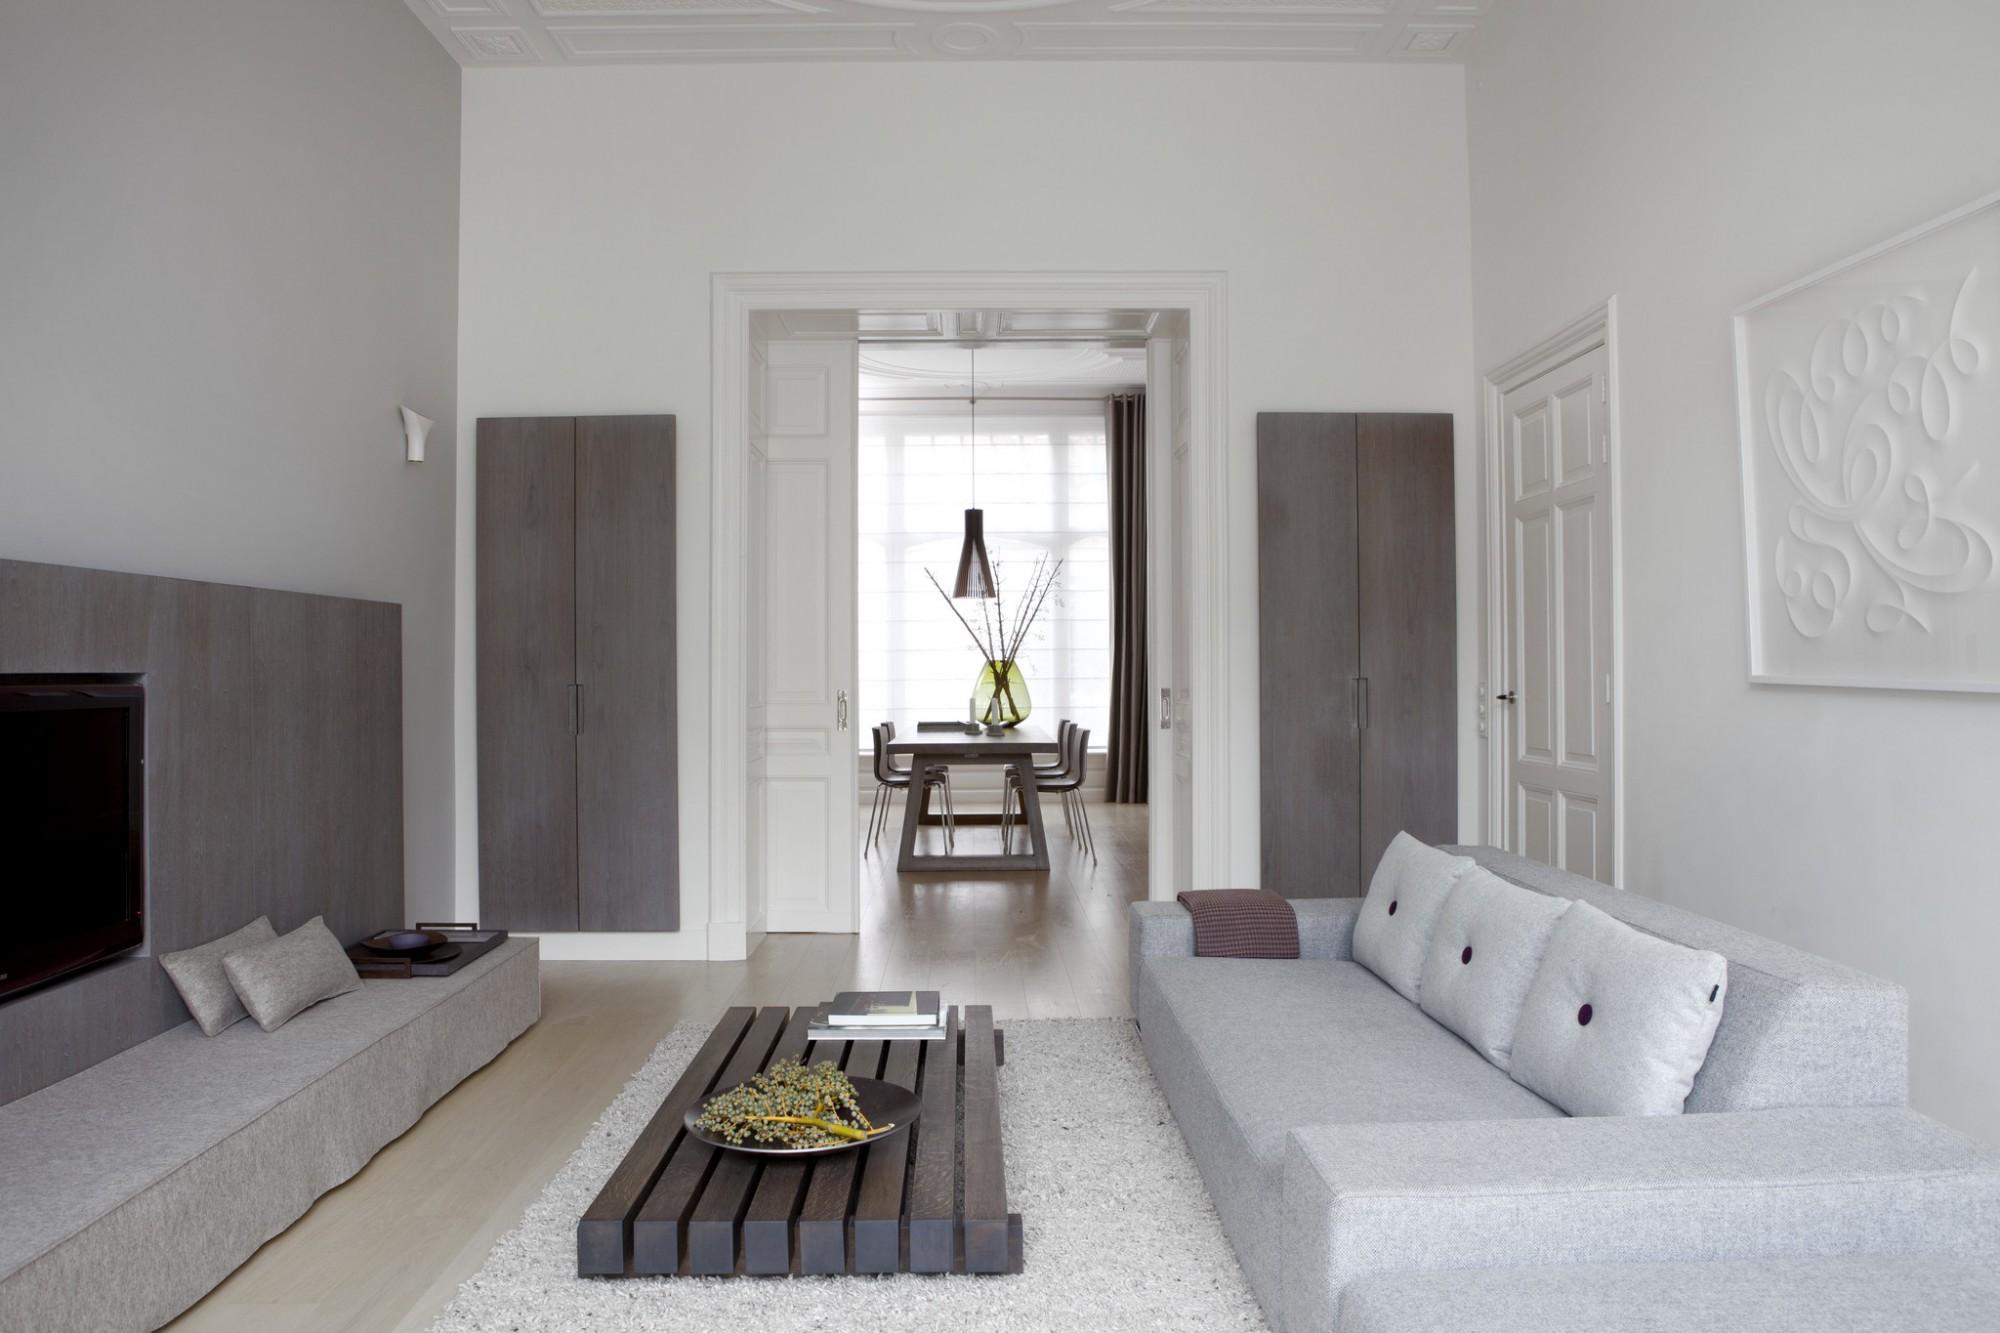 Interieurontwerper Den Haag : Herenhuis in den haag remy meijers